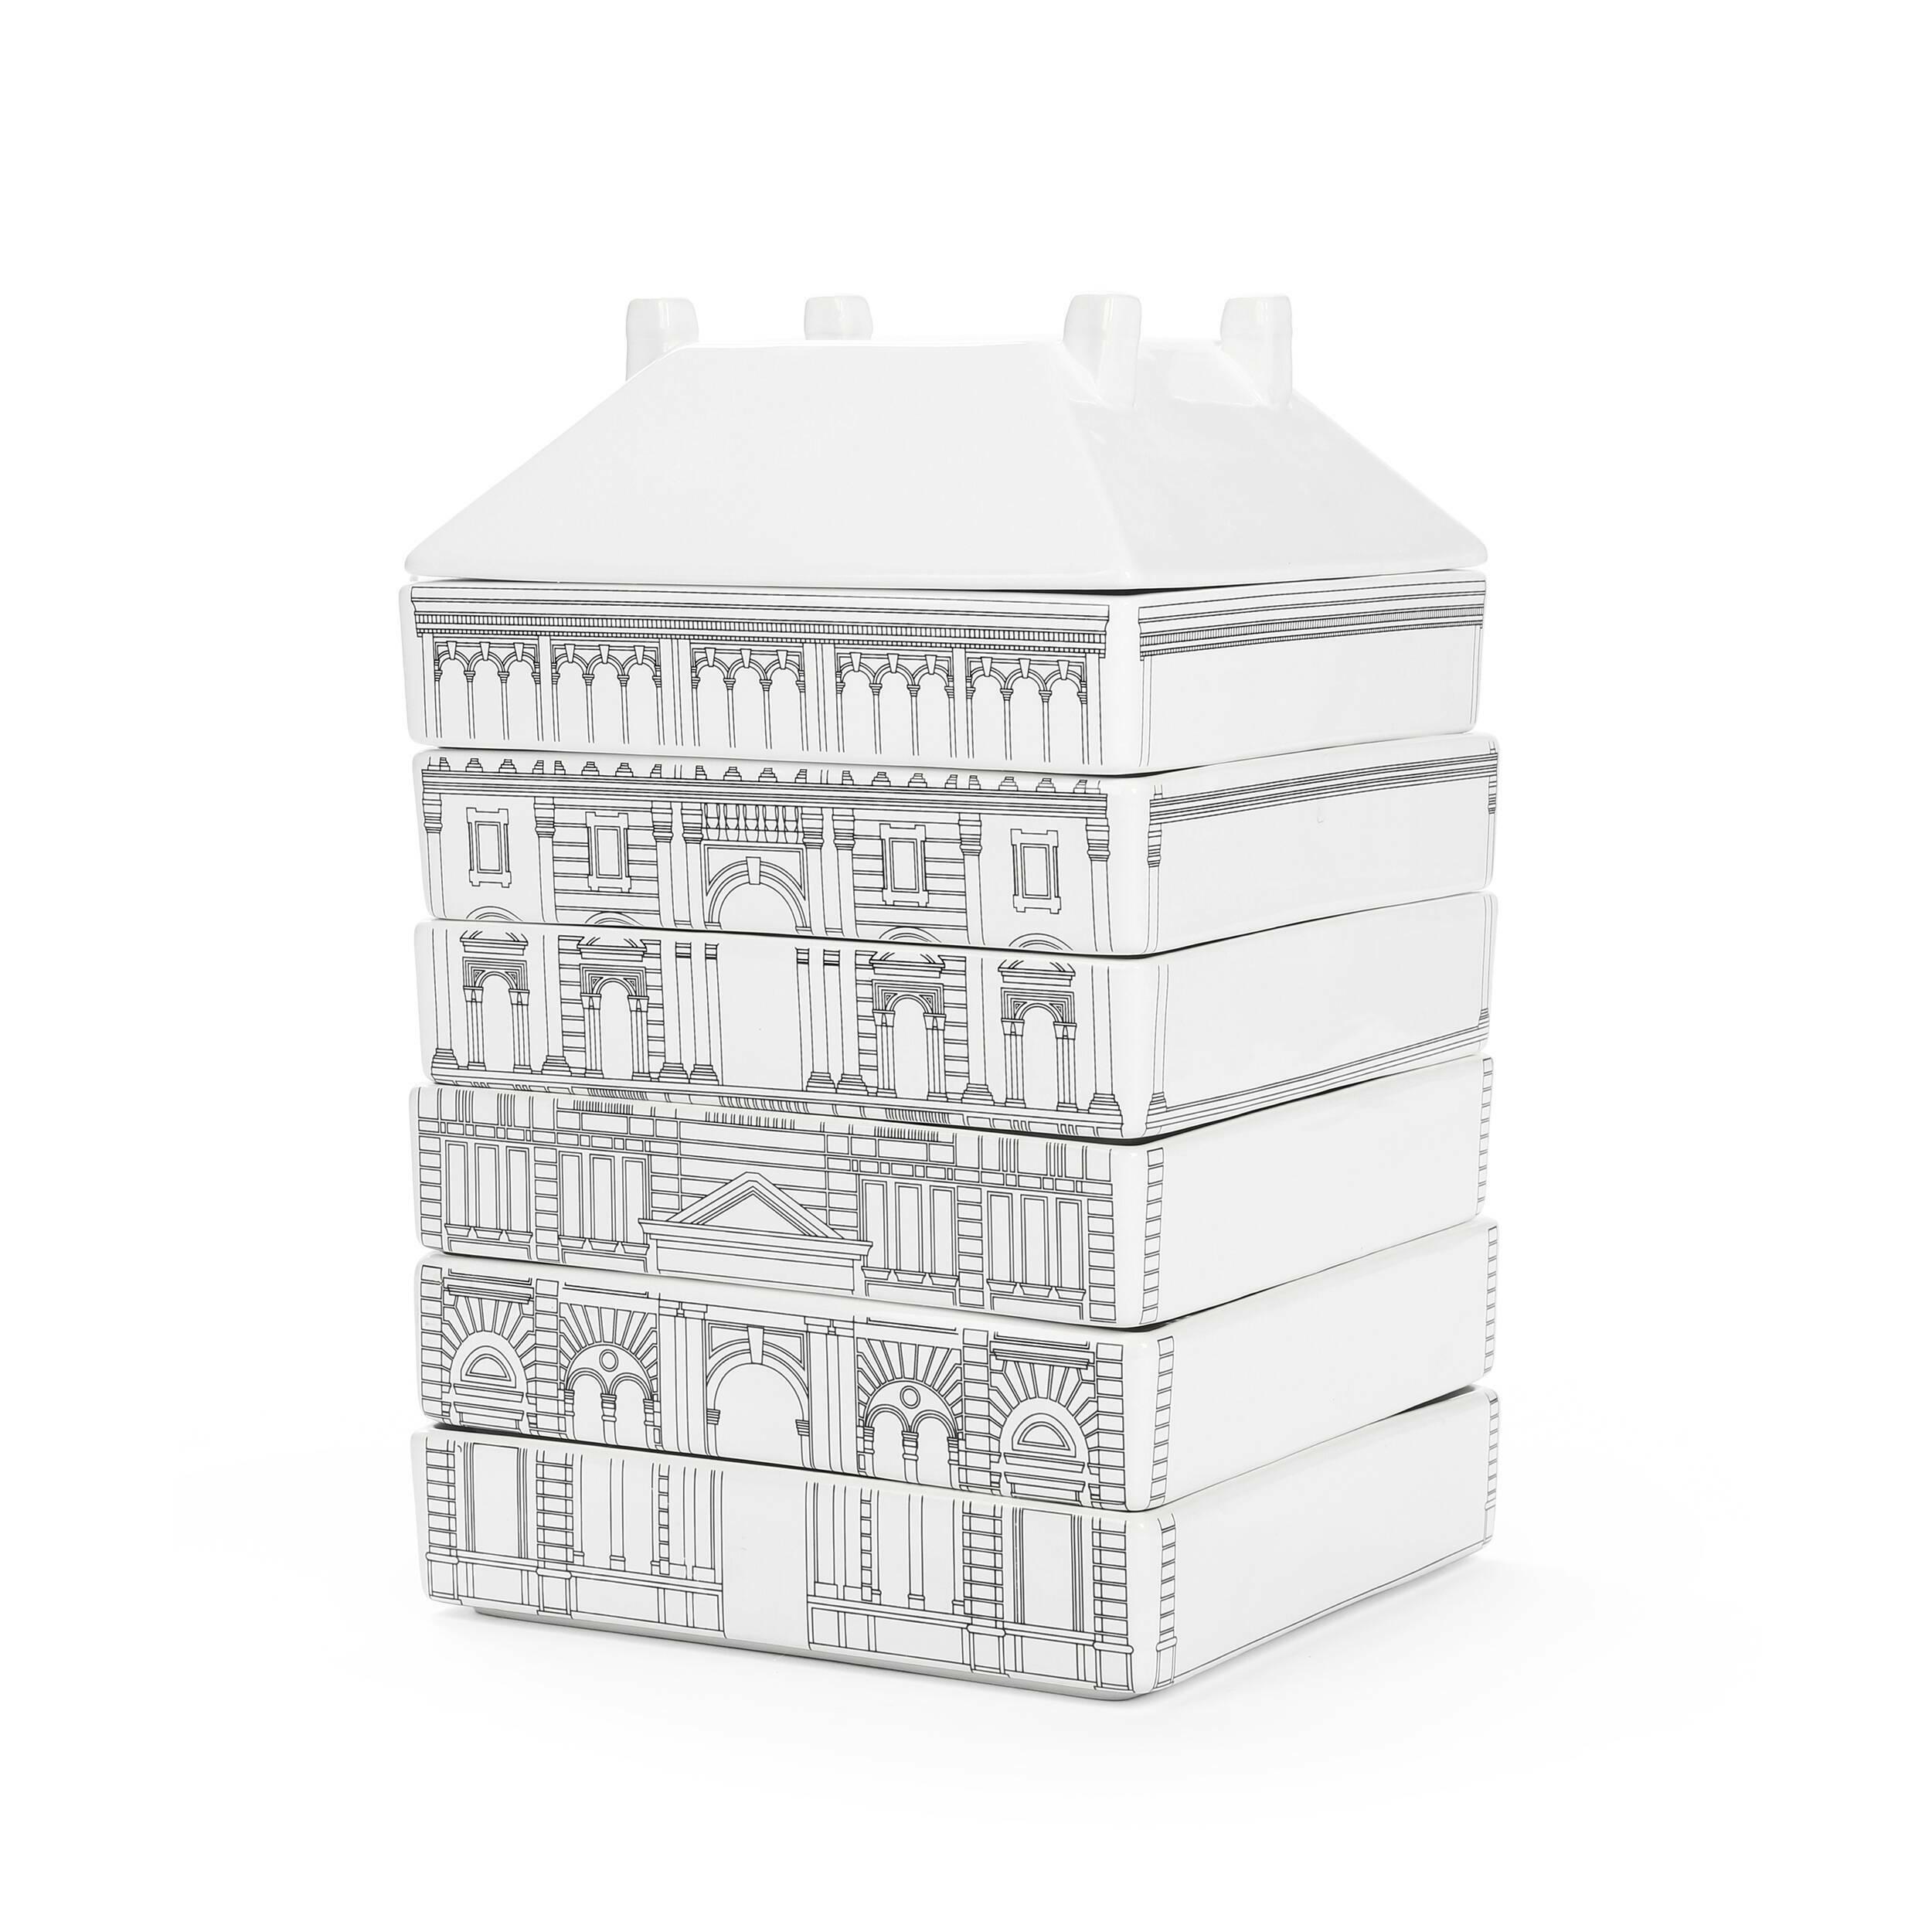 Набор посуды Palazzo GovernoПосуда<br>Набор посуды Palazzo Governo — еще один яркий и оригинальный проект, разработанный итальянским дизайнером Алессандро Дзамбелли по заказу компании Seletti. Производитель дизайнерской посуды компания Seletti в очередной раз разрушает стереотипы повседневности и расширяет границы воображения. Архитектурный модульный сервиз на 6 персон выстроен из фарфора в стиле Флорентийского ренессанса.<br><br><br> Дворцы и башни разбираются на чашки, стаканы, тарелки для первых, вторых и десертных блюд. С в...<br><br>stock: 0<br>Высота: 30<br>Ширина: 18<br>Материал: Керамика<br>Цвет: Белый с узором<br>Диаметр: 18